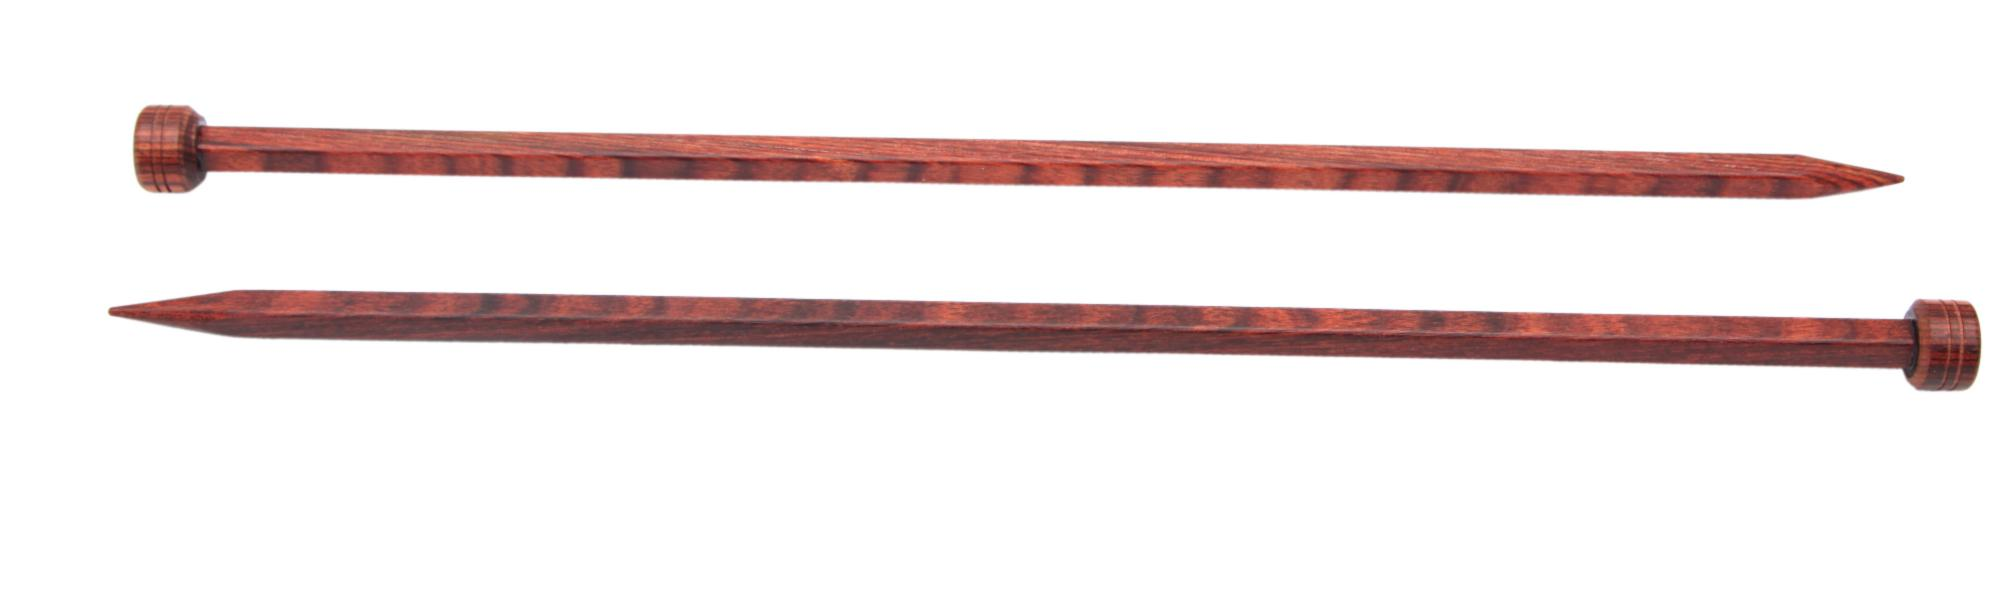 Спицы прямые 30 см Cubics Symfonie-Rose KnitPro, 25252, 7.00 мм